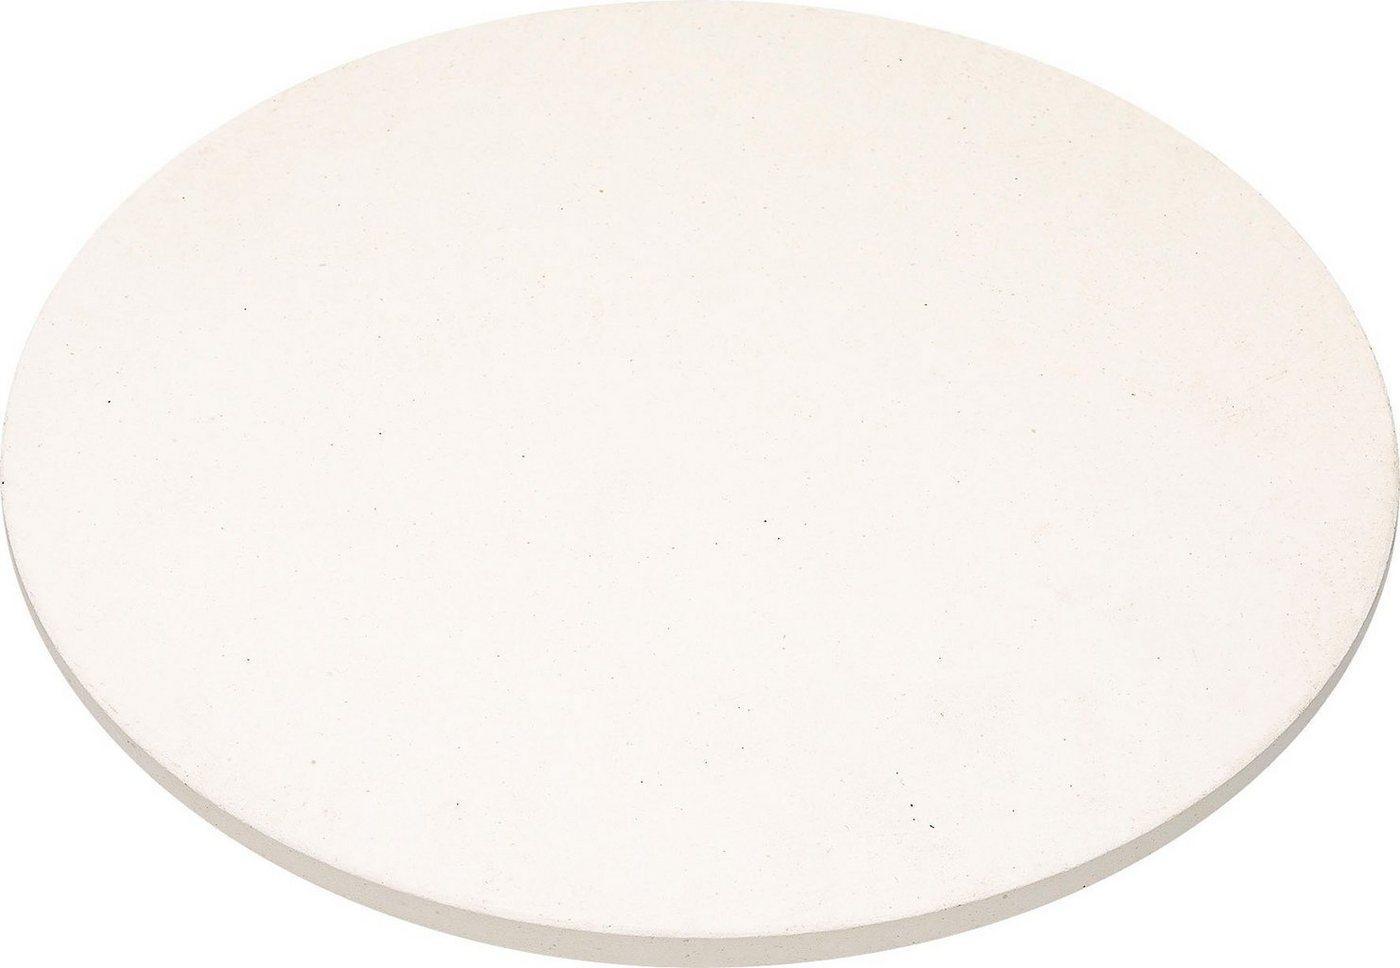 Steba Pizzastein »910-08700«, Cordierit, (1-St), 28 cm, für Minibacköfen